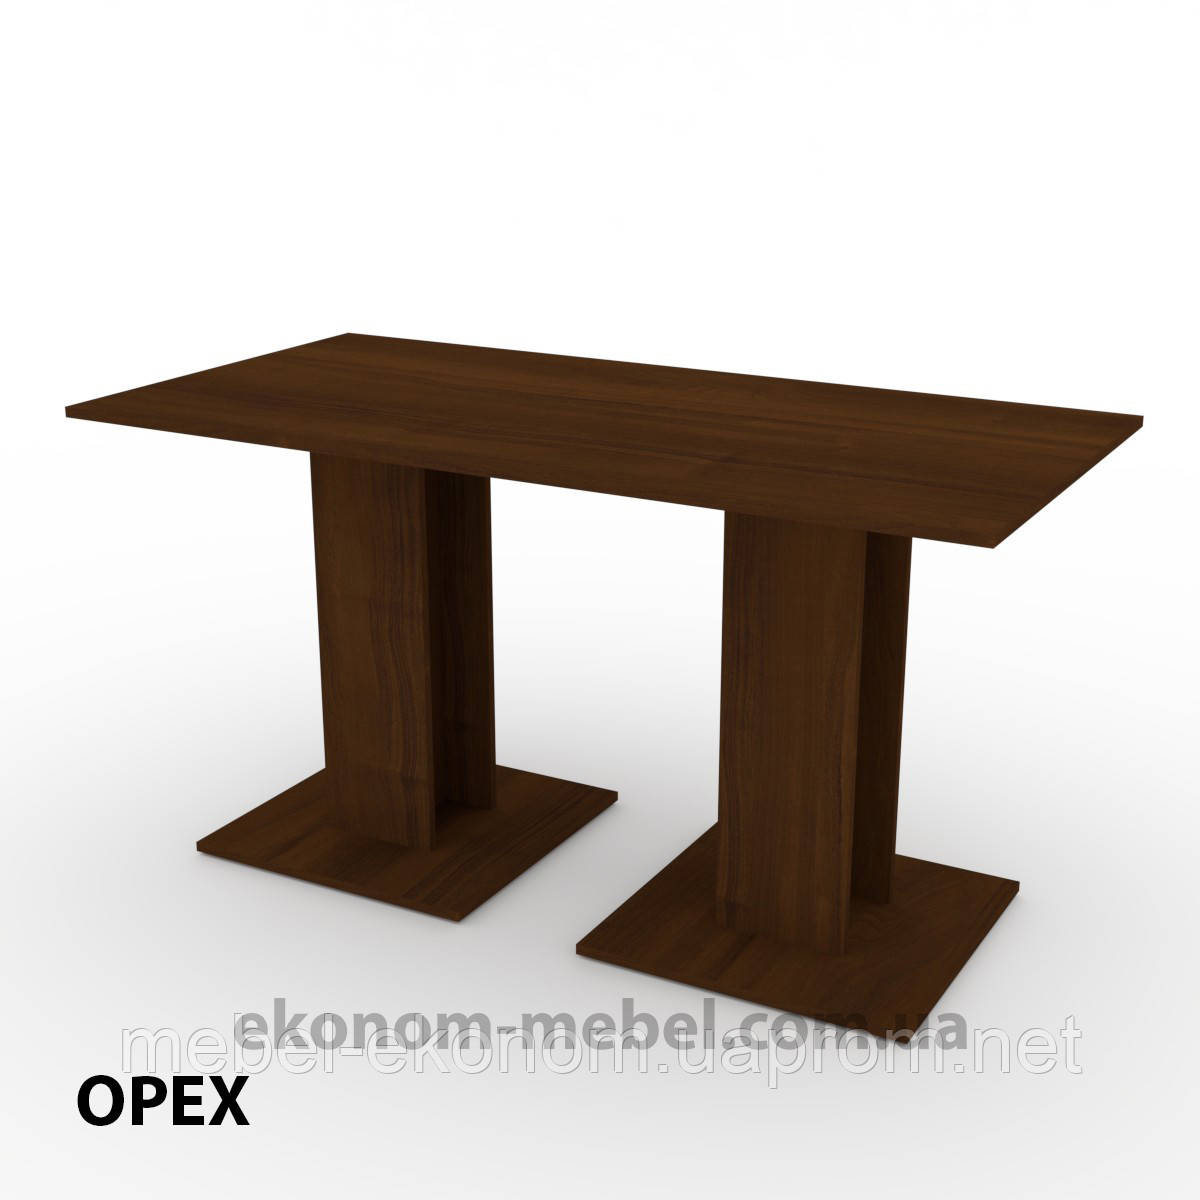 Кухонный стол КС-8 маленький нераскладной